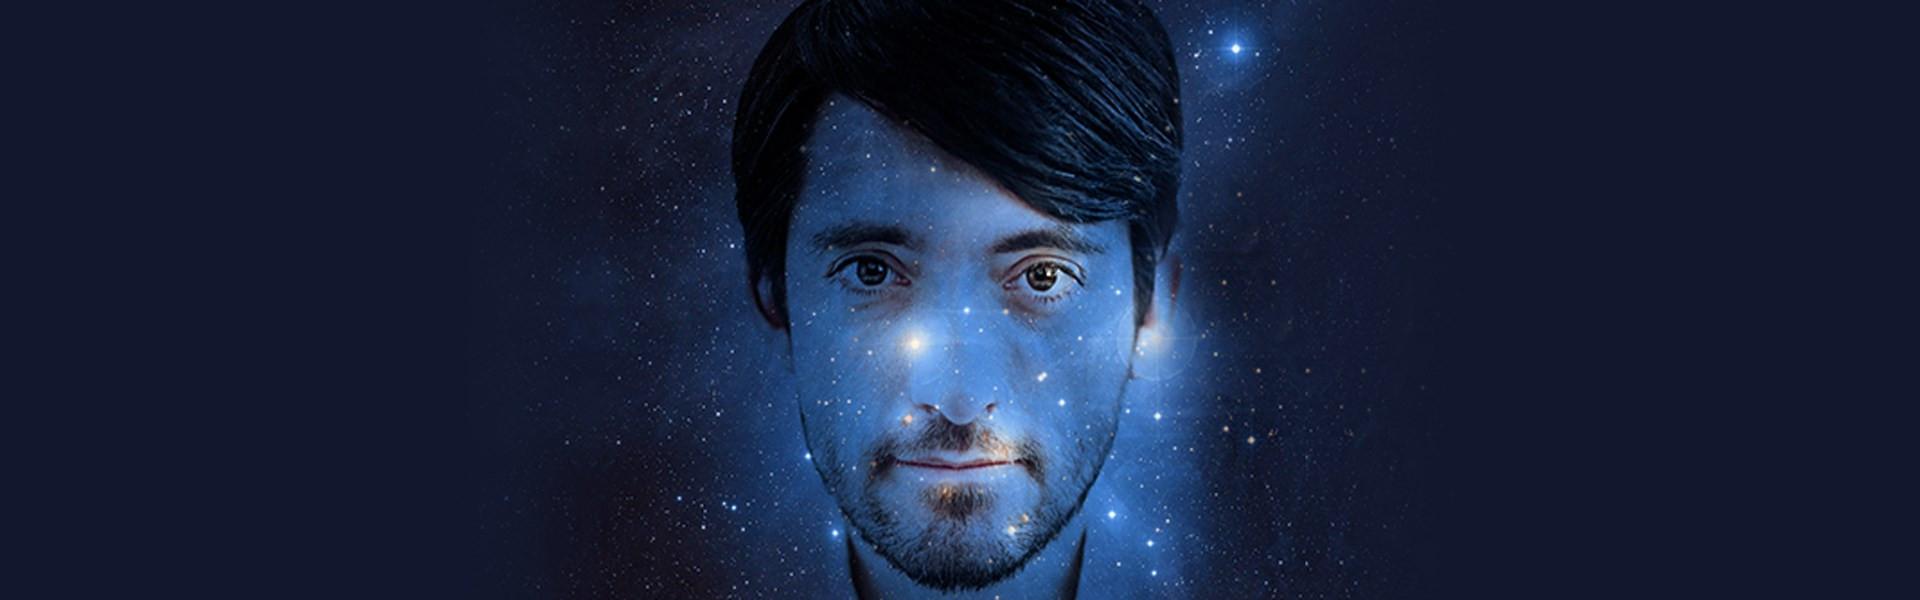 Klangsphäre: DJ&Space - Raphaël Marionneau